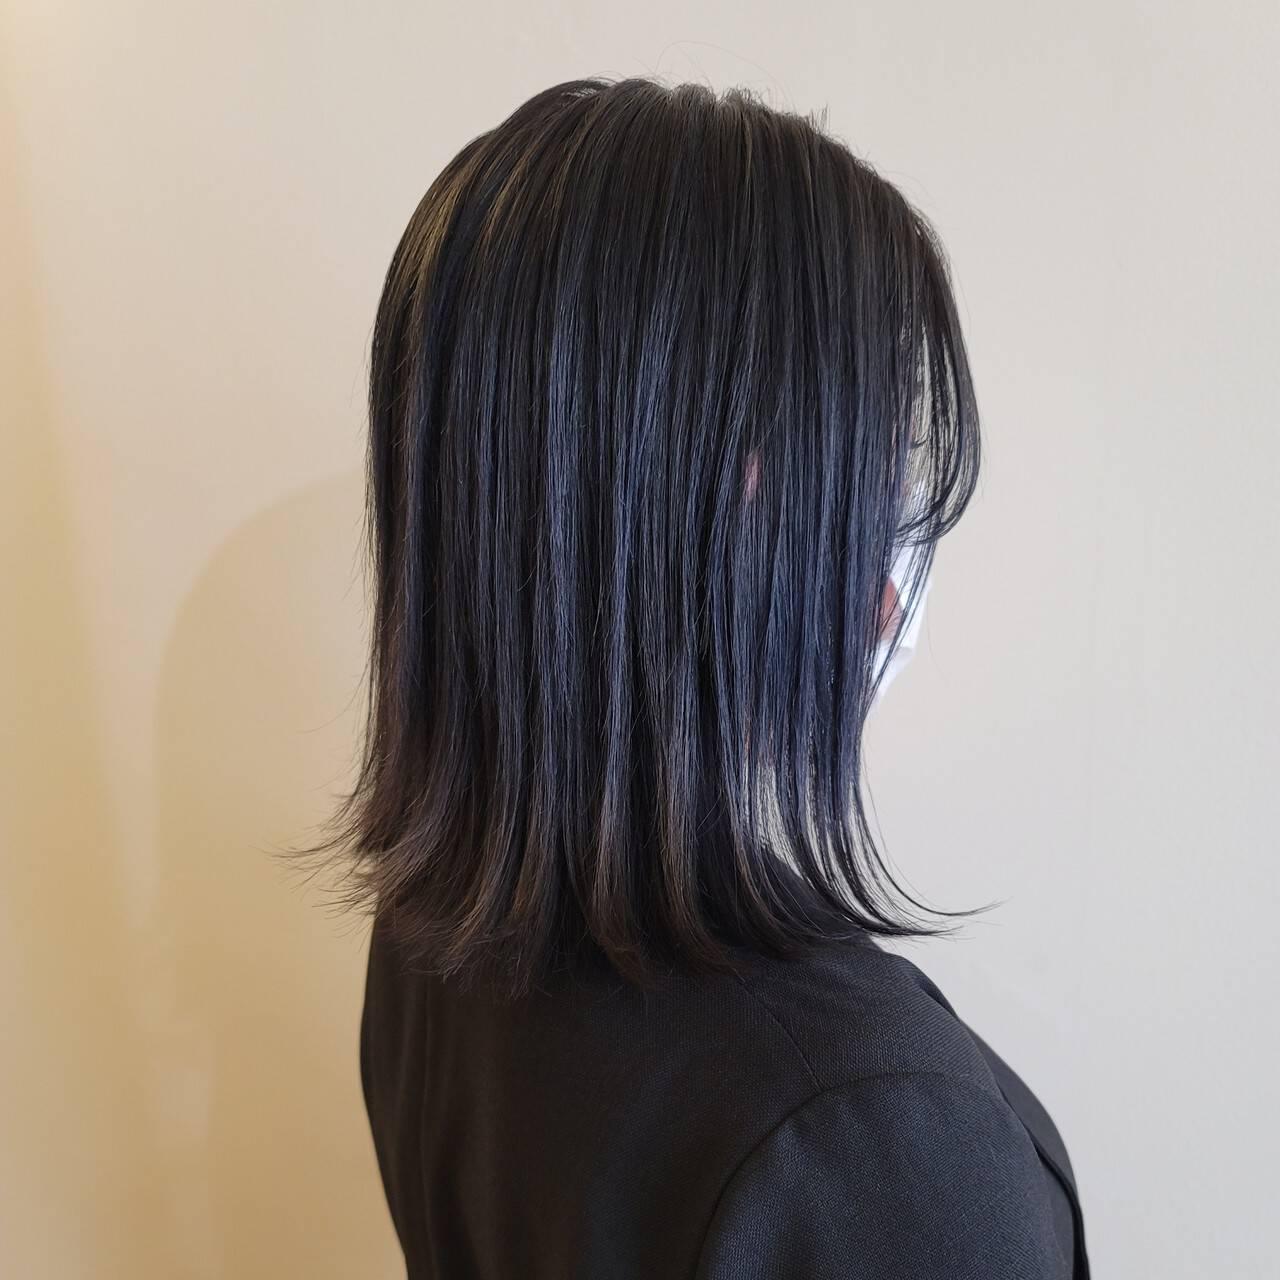 モード 切りっぱなし ブルーグラデーション ブルージュヘアスタイルや髪型の写真・画像